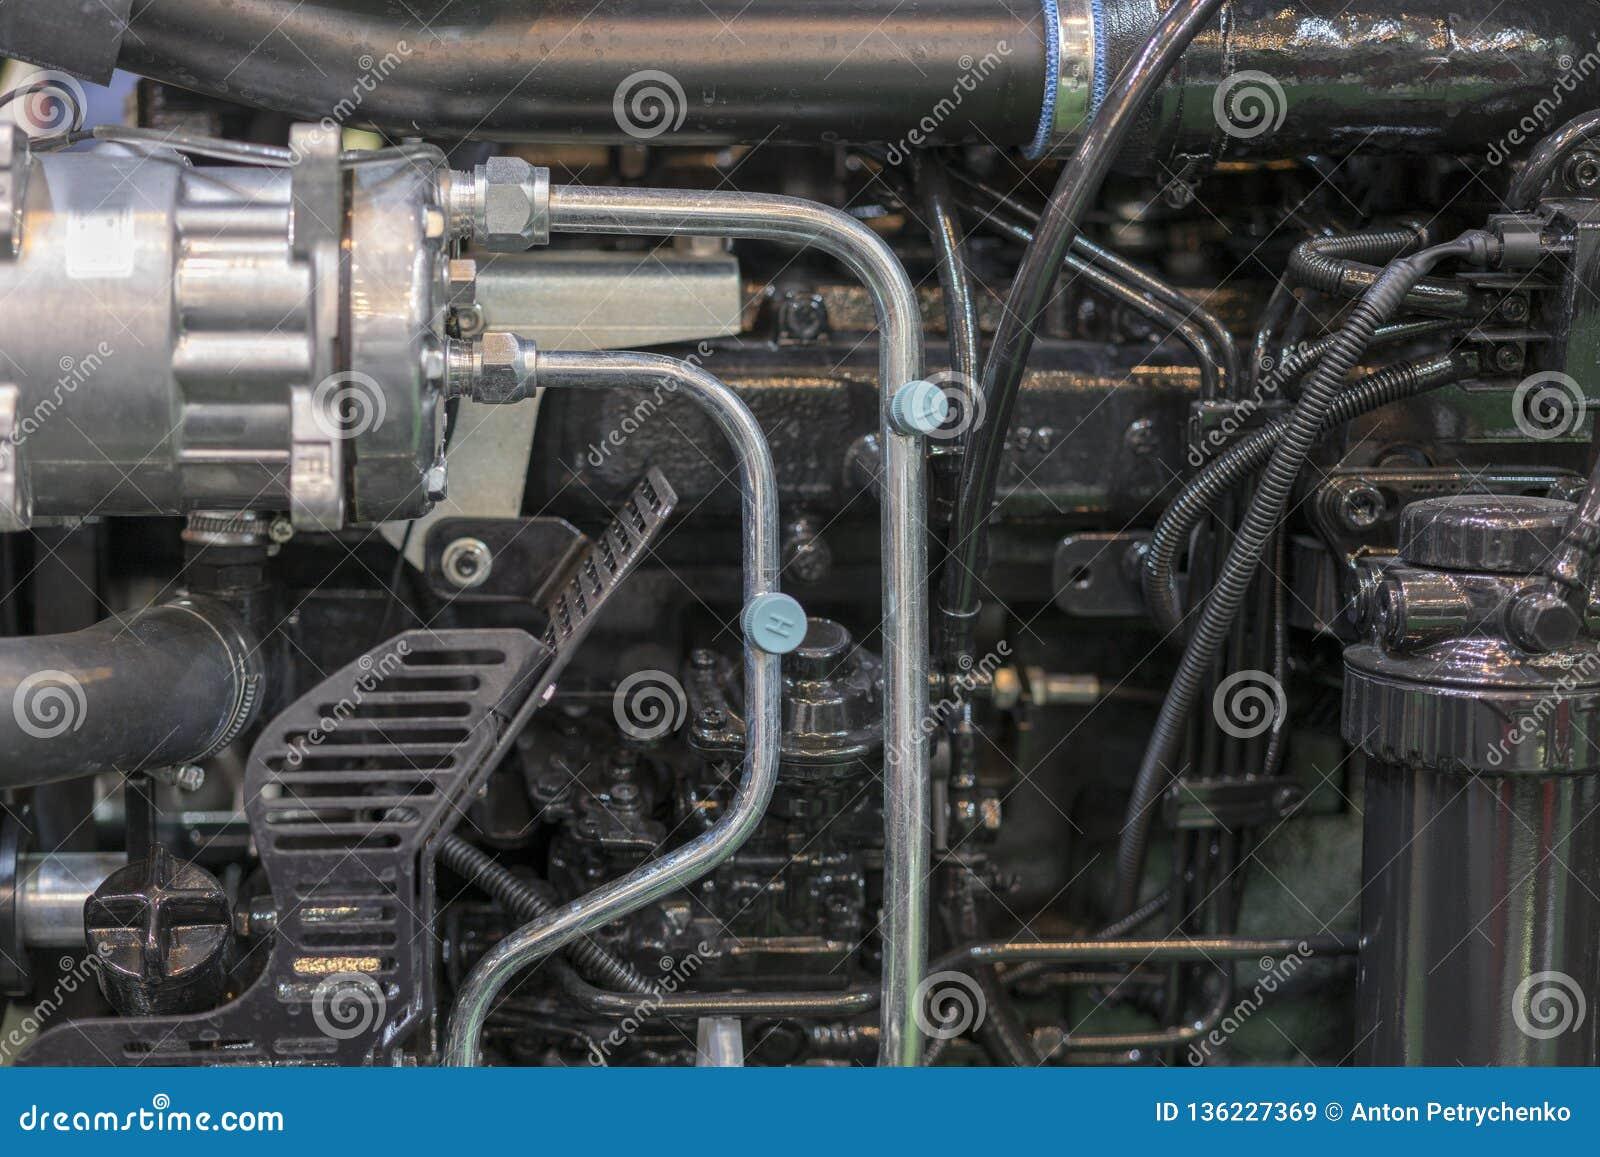 Nouveau moteur tracteur diesel agricole moderne Nouveau moteur de pointe moderne de chargeur ou de petit tracteur Vue supérieure